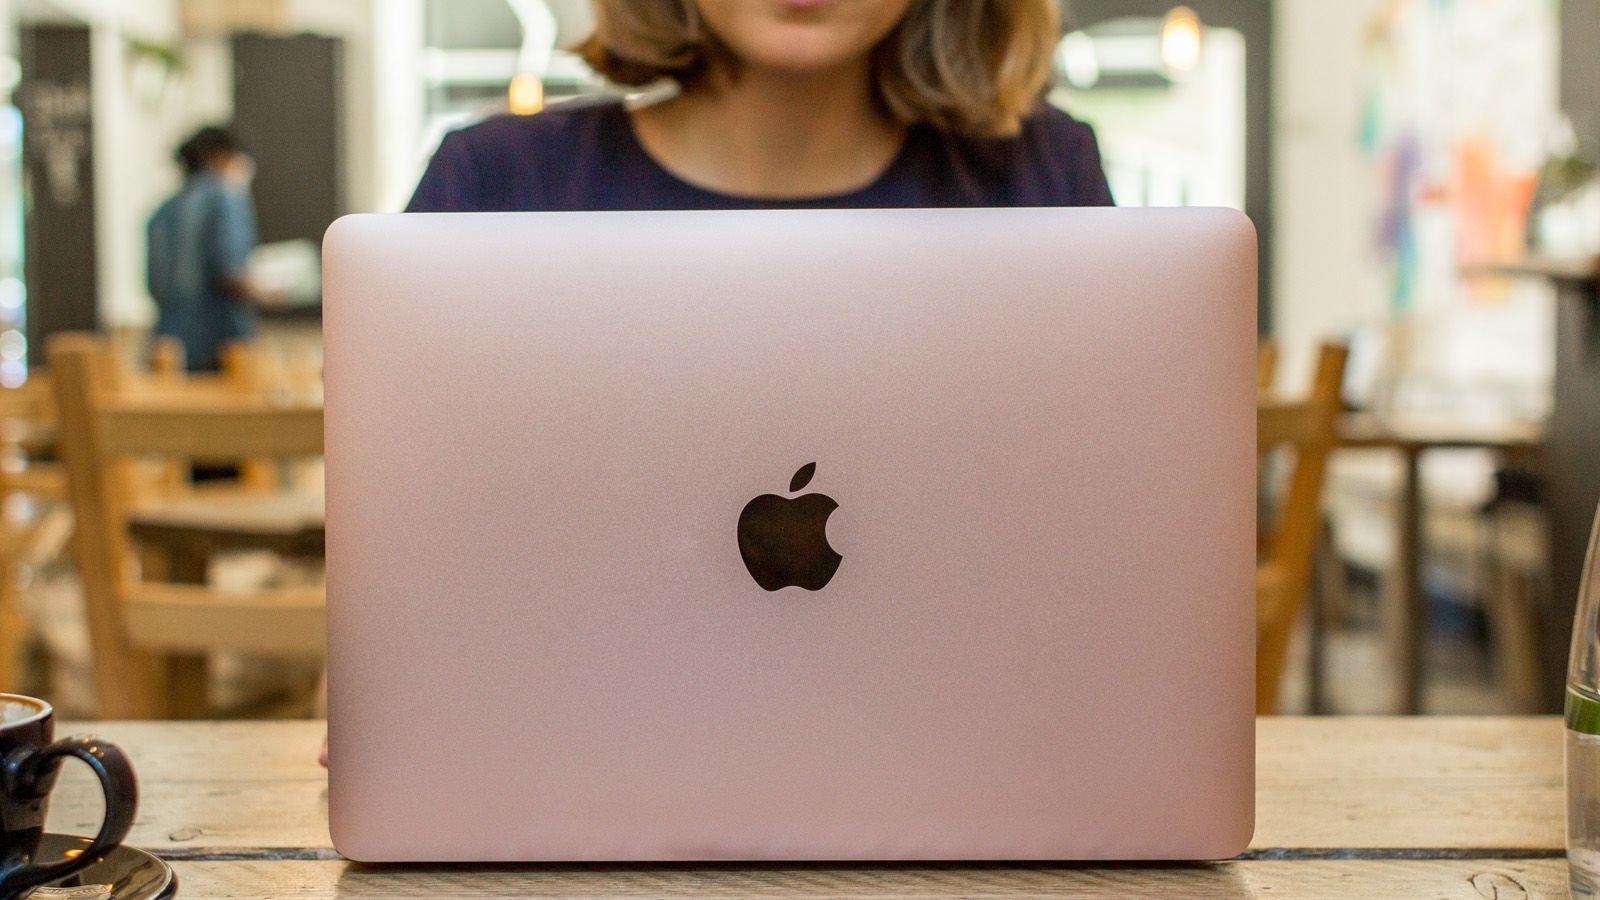 配備蘋果處理器的新型MacBook